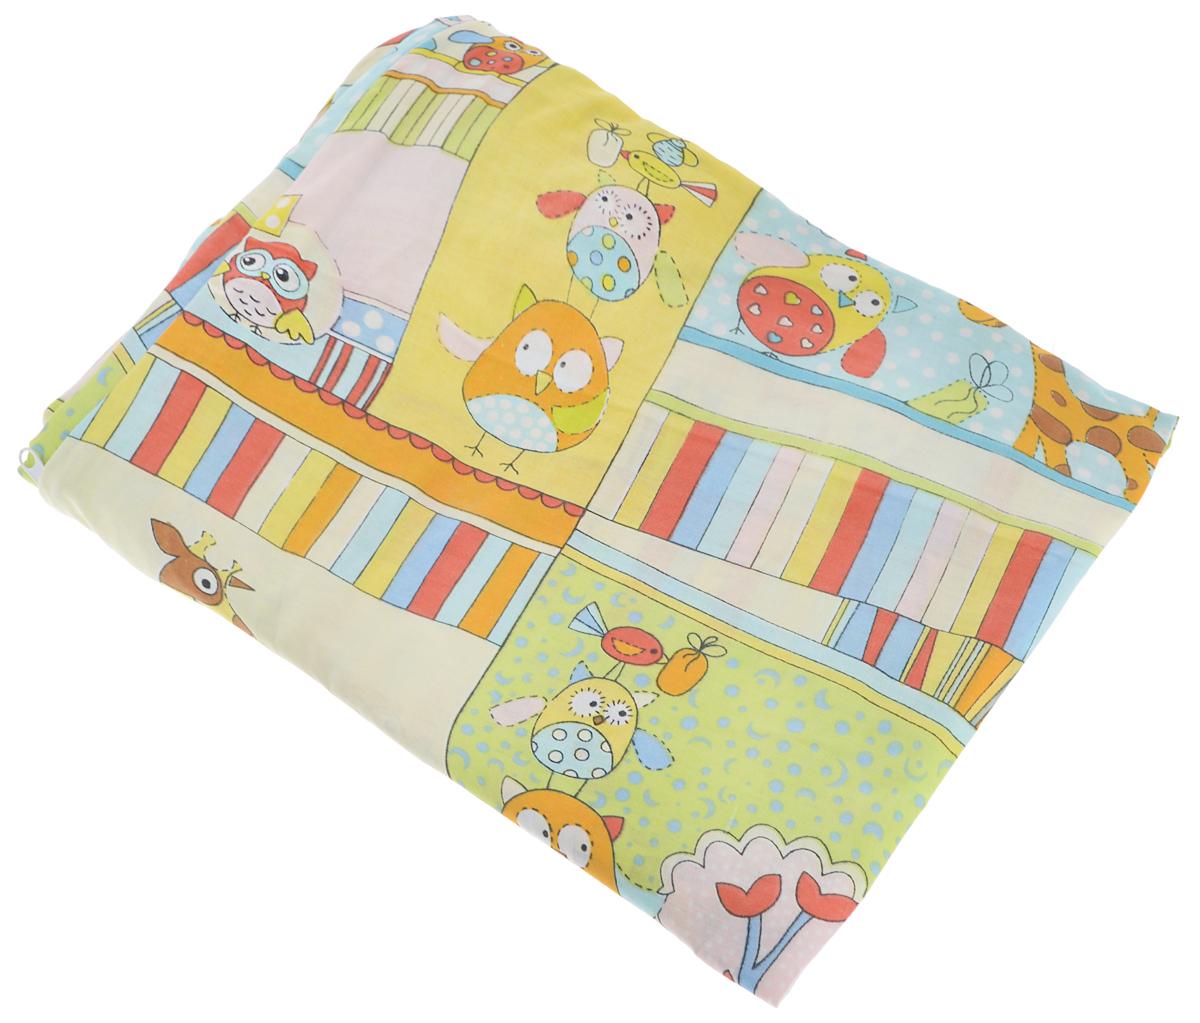 Наволочка на подушку для всего тела Легкие сны, форма 7. N7P-140/4N7P-140/4Наволочка Легкие сны, изготовленная из поплина (100% хлопка), предназначена для подушки формы 7, созданной для беременных и кормящих мам. Подушка позволяет принять удобное положение во время сна, отдыха на больших сроках беременности и кормления грудничка. На последних месяцах беременности использование подушки во время сна или отдыха снимает напряжение с позвоночника и рук, а также предотвращает затекание ног. Наволочка снабжена застежкой-молнией, что позволяет без труда снять и постирать ее.